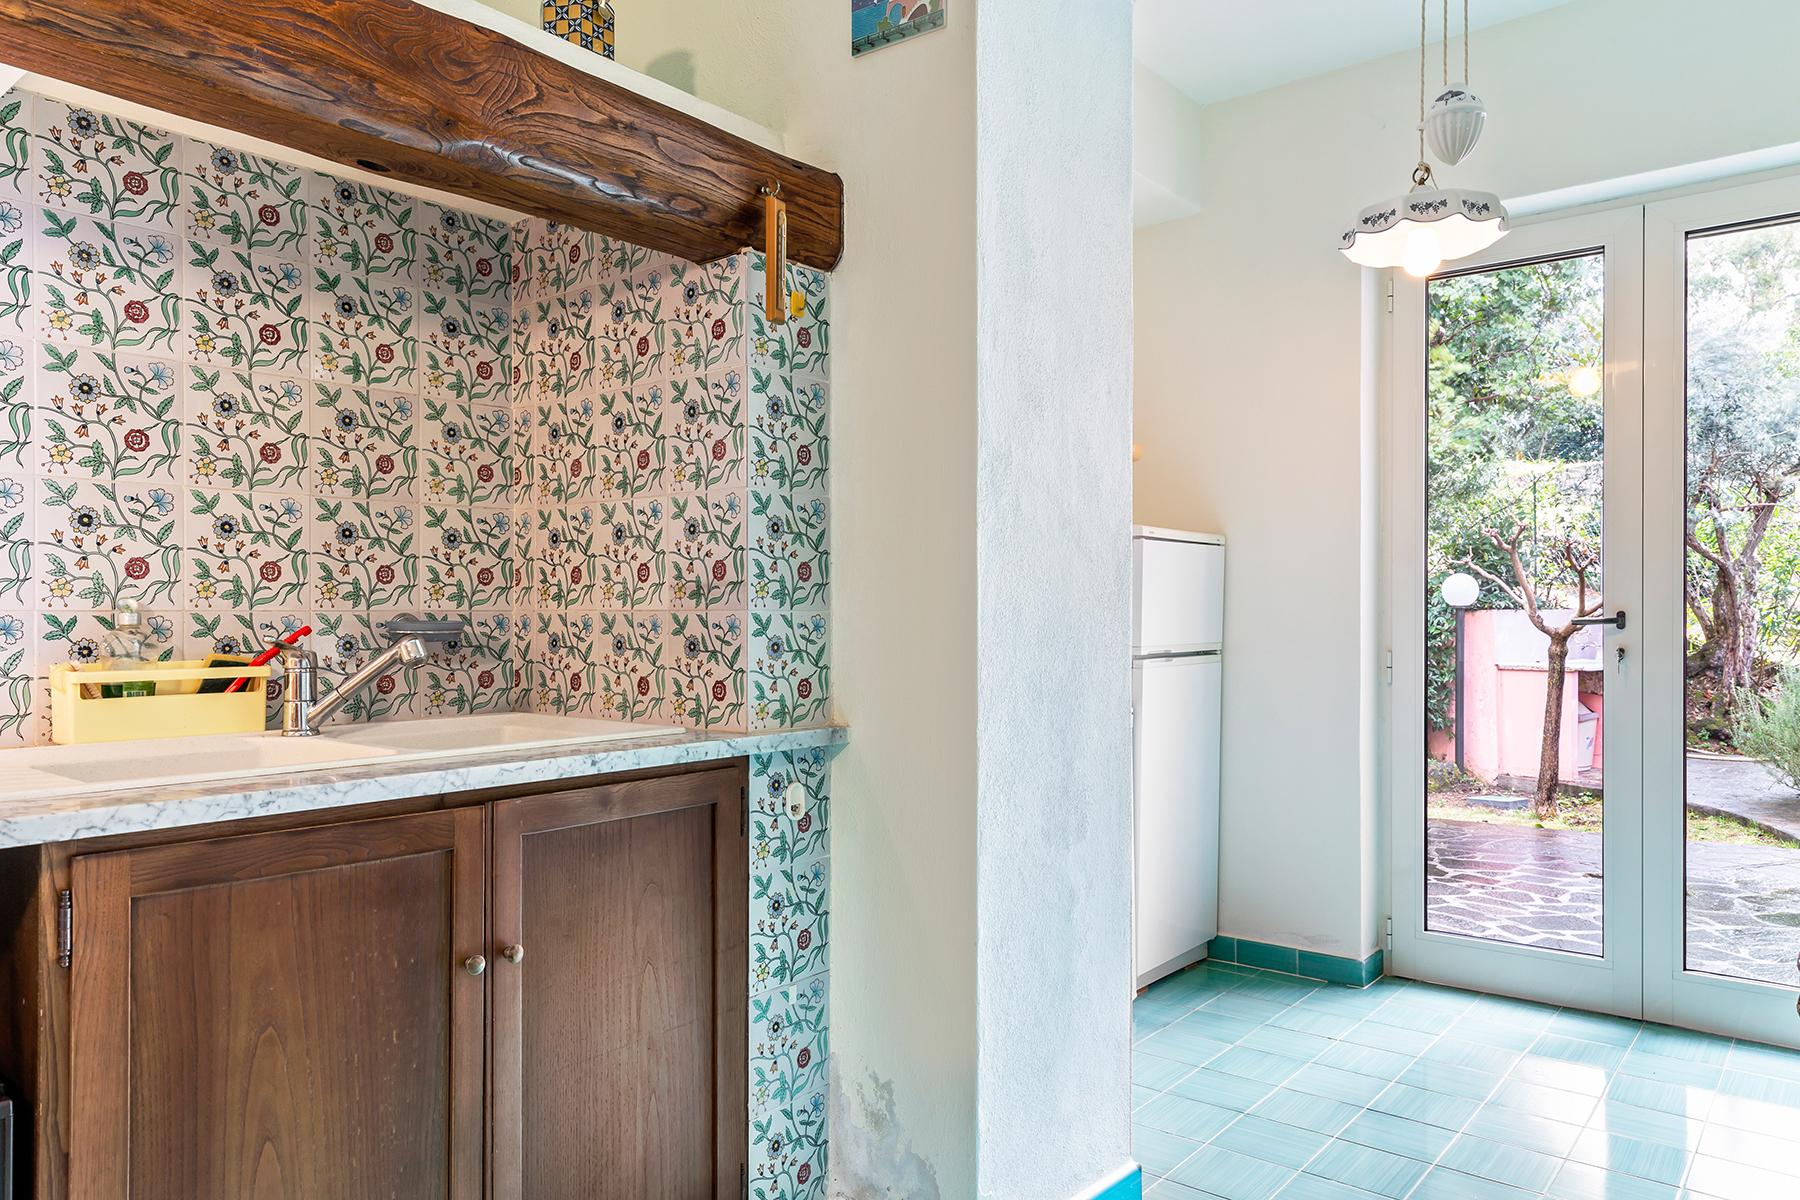 Villa in Vendita a Maratea: 5 locali, 280 mq - Foto 15